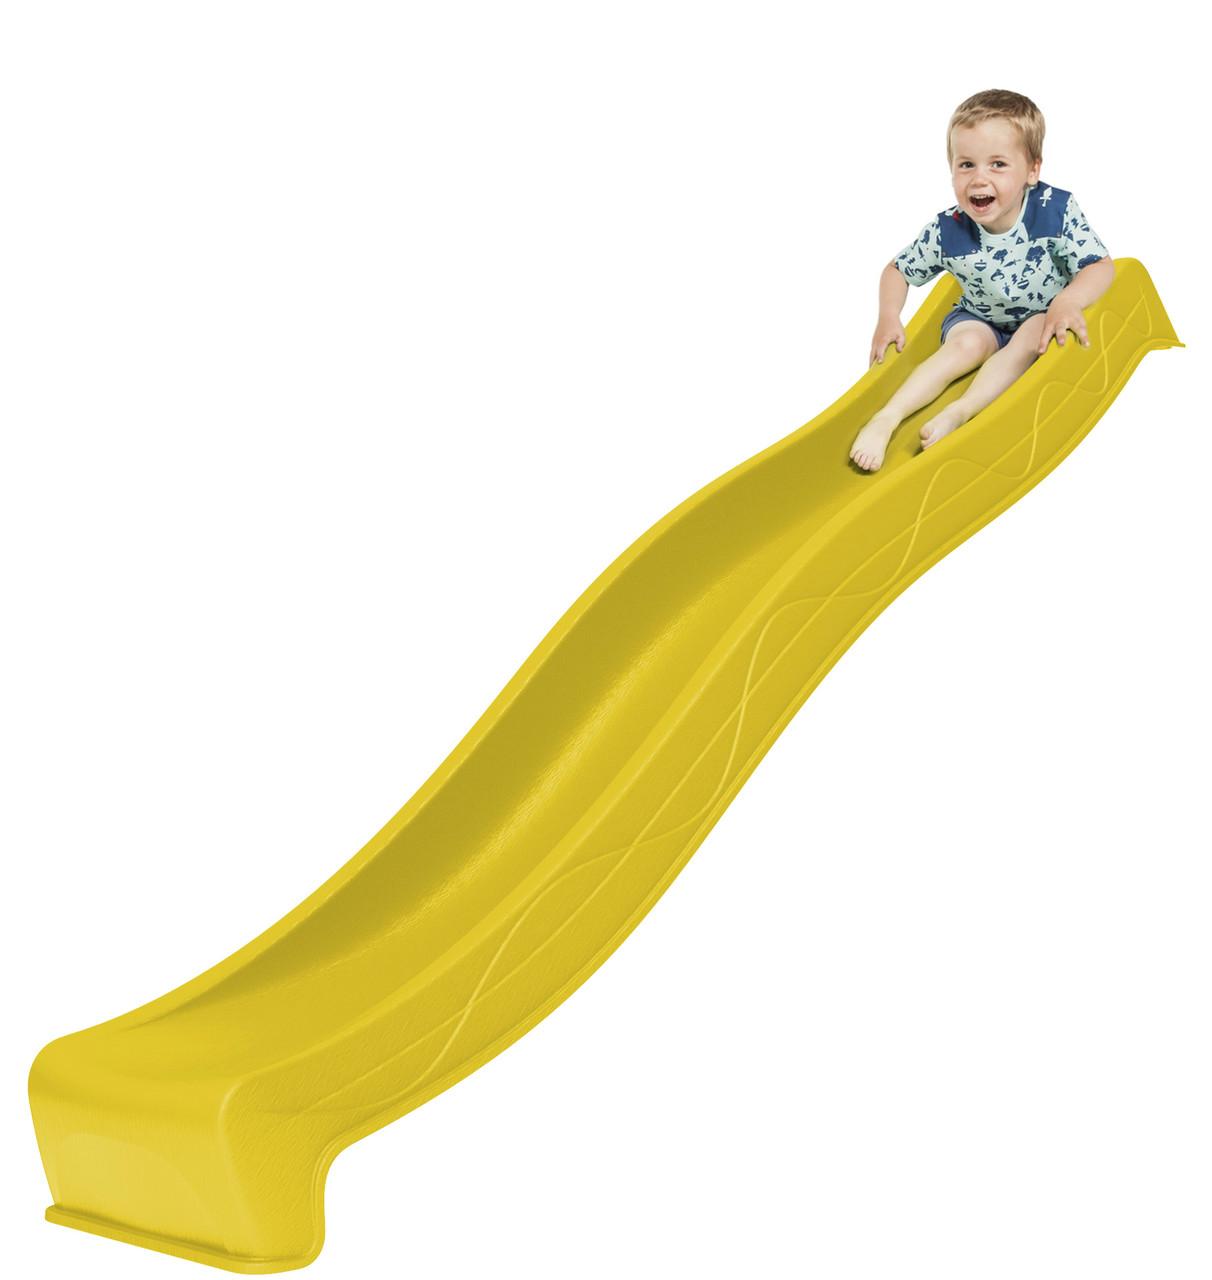 Дитяча гірка для спуску 3 м. KBT Жовта